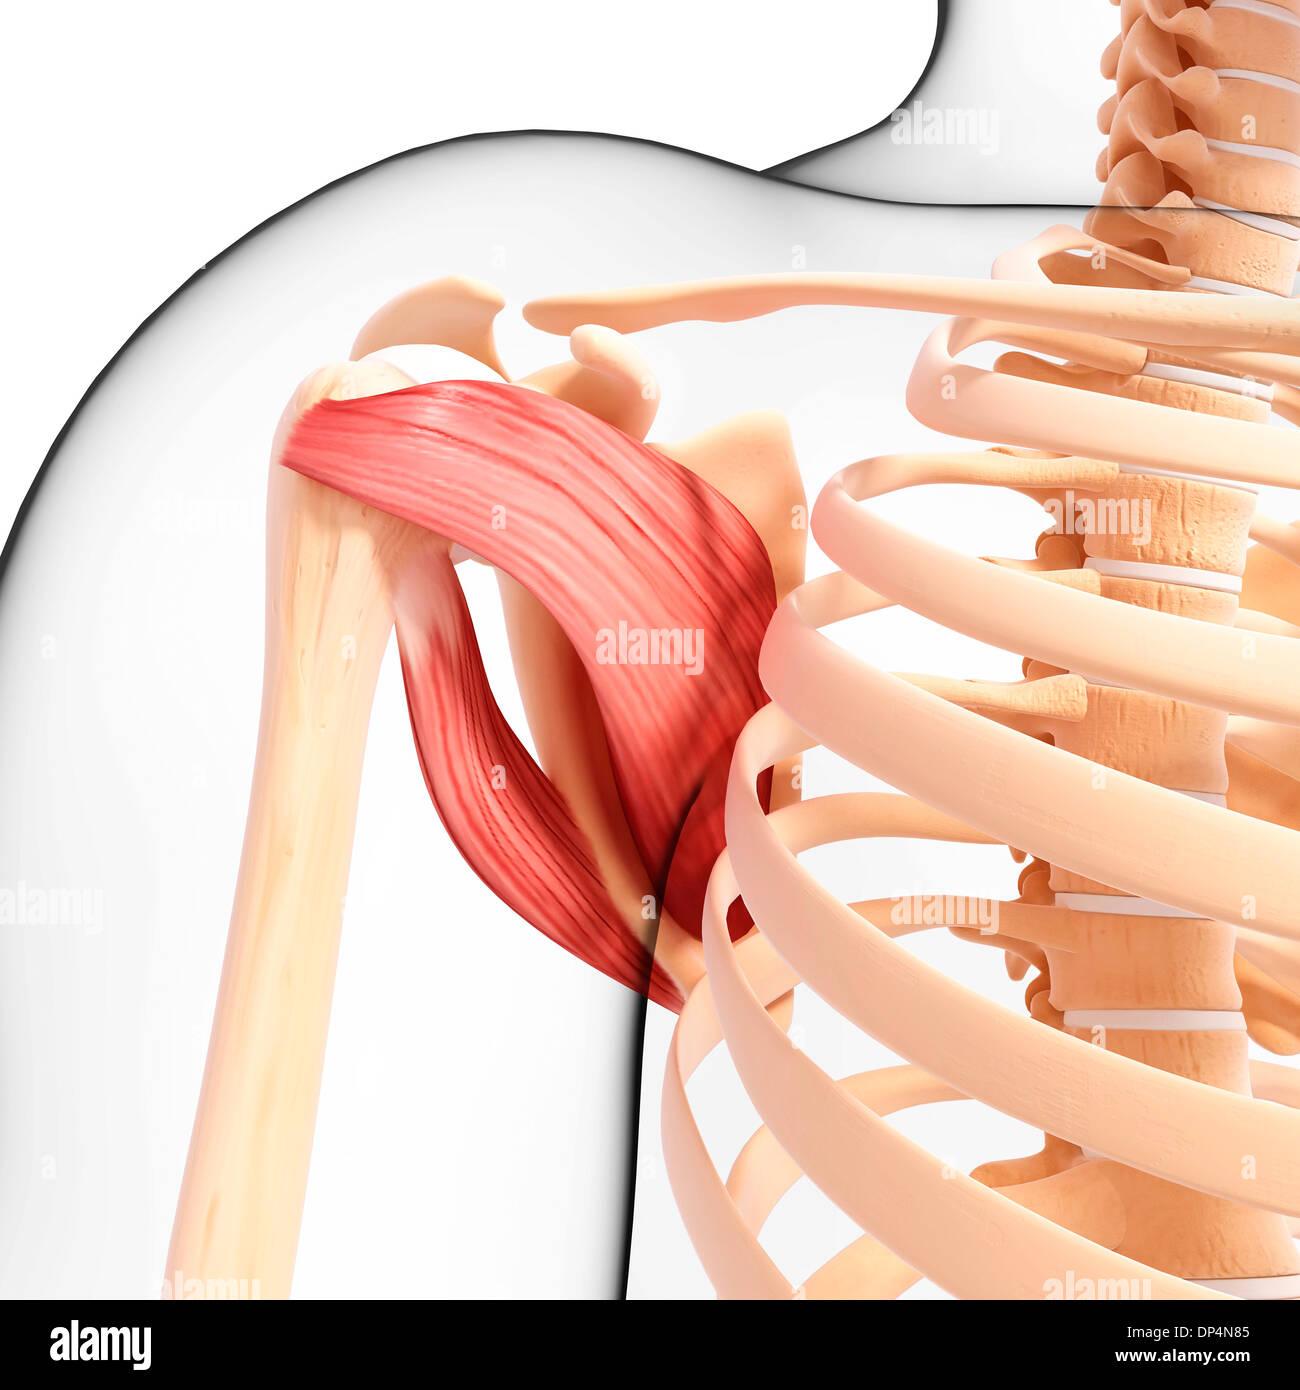 Schön Schultermuskulatur Diagramm Fotos - Menschliche Anatomie ...